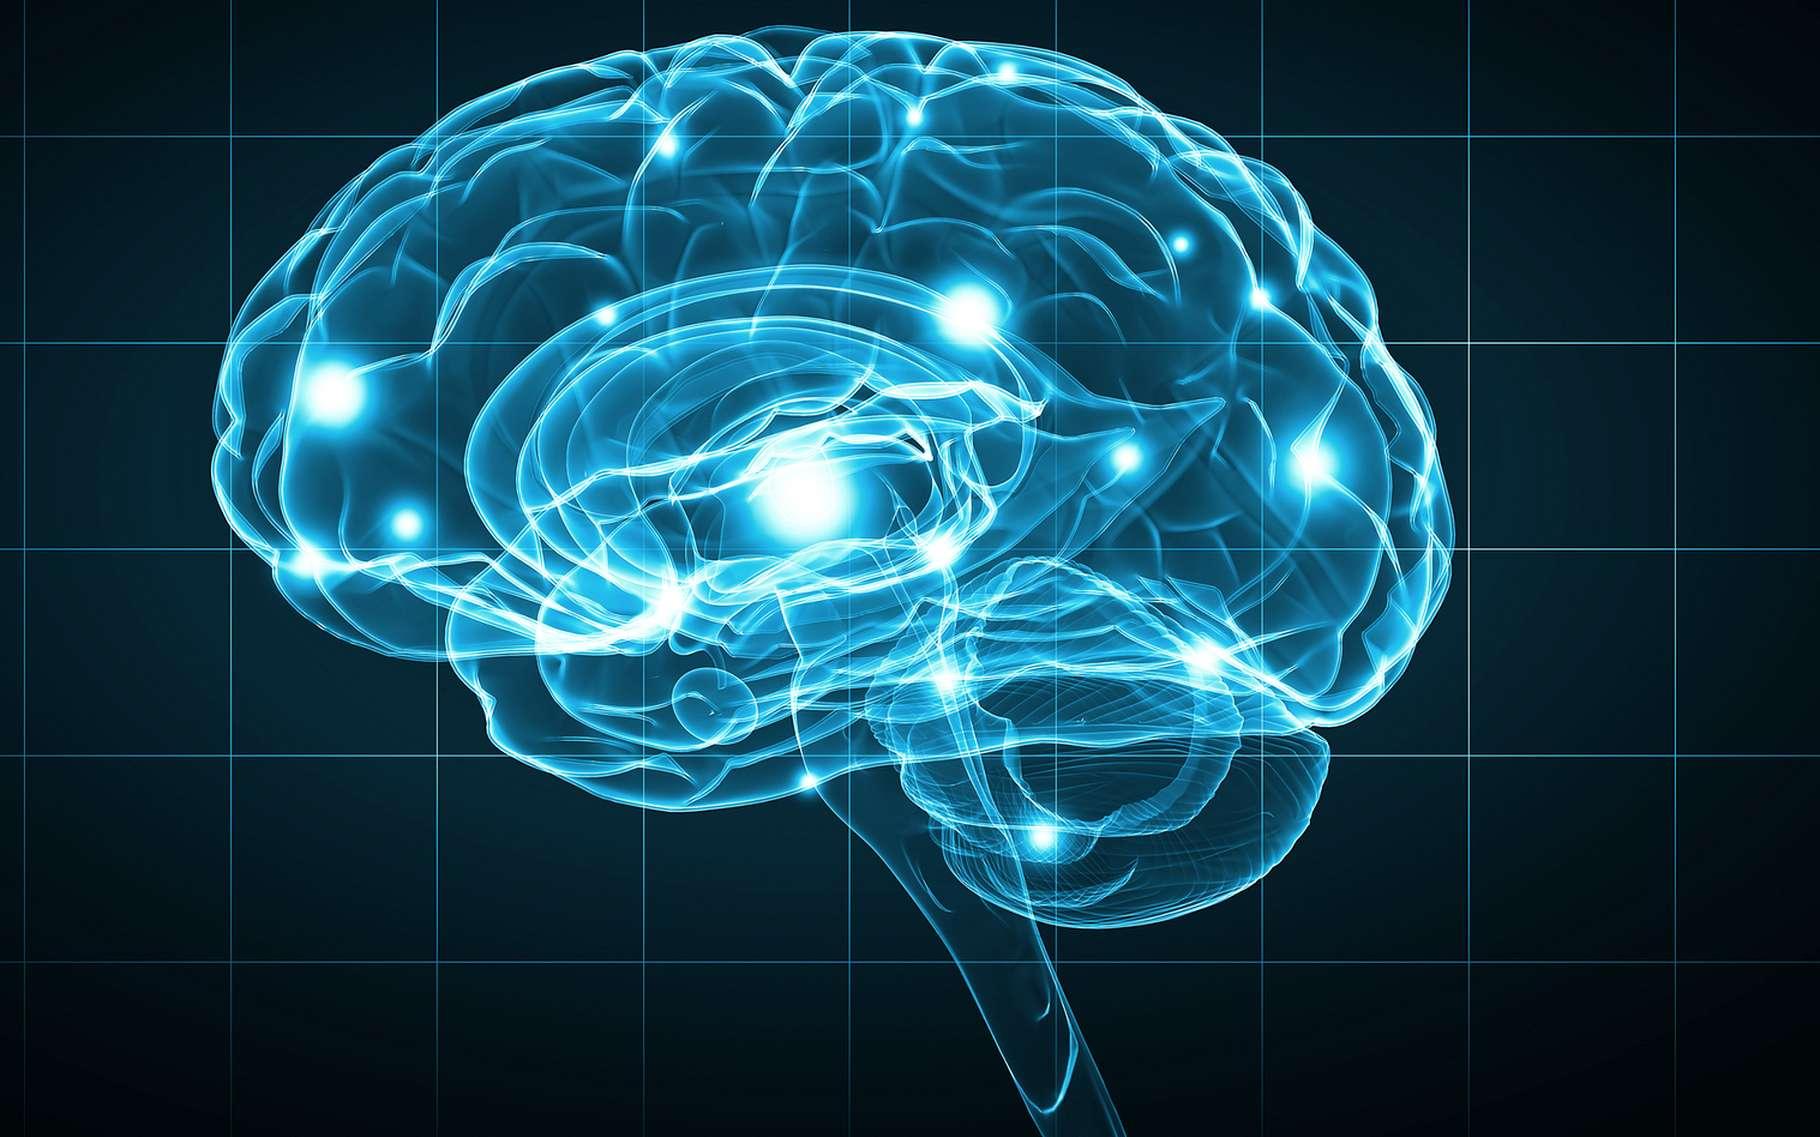 Une étude menée par l'Université d'Adélaïde en Australie apporte un nouvel éclairage sur l'intelligence humaine. © Sergey Nivens, Shutterstock